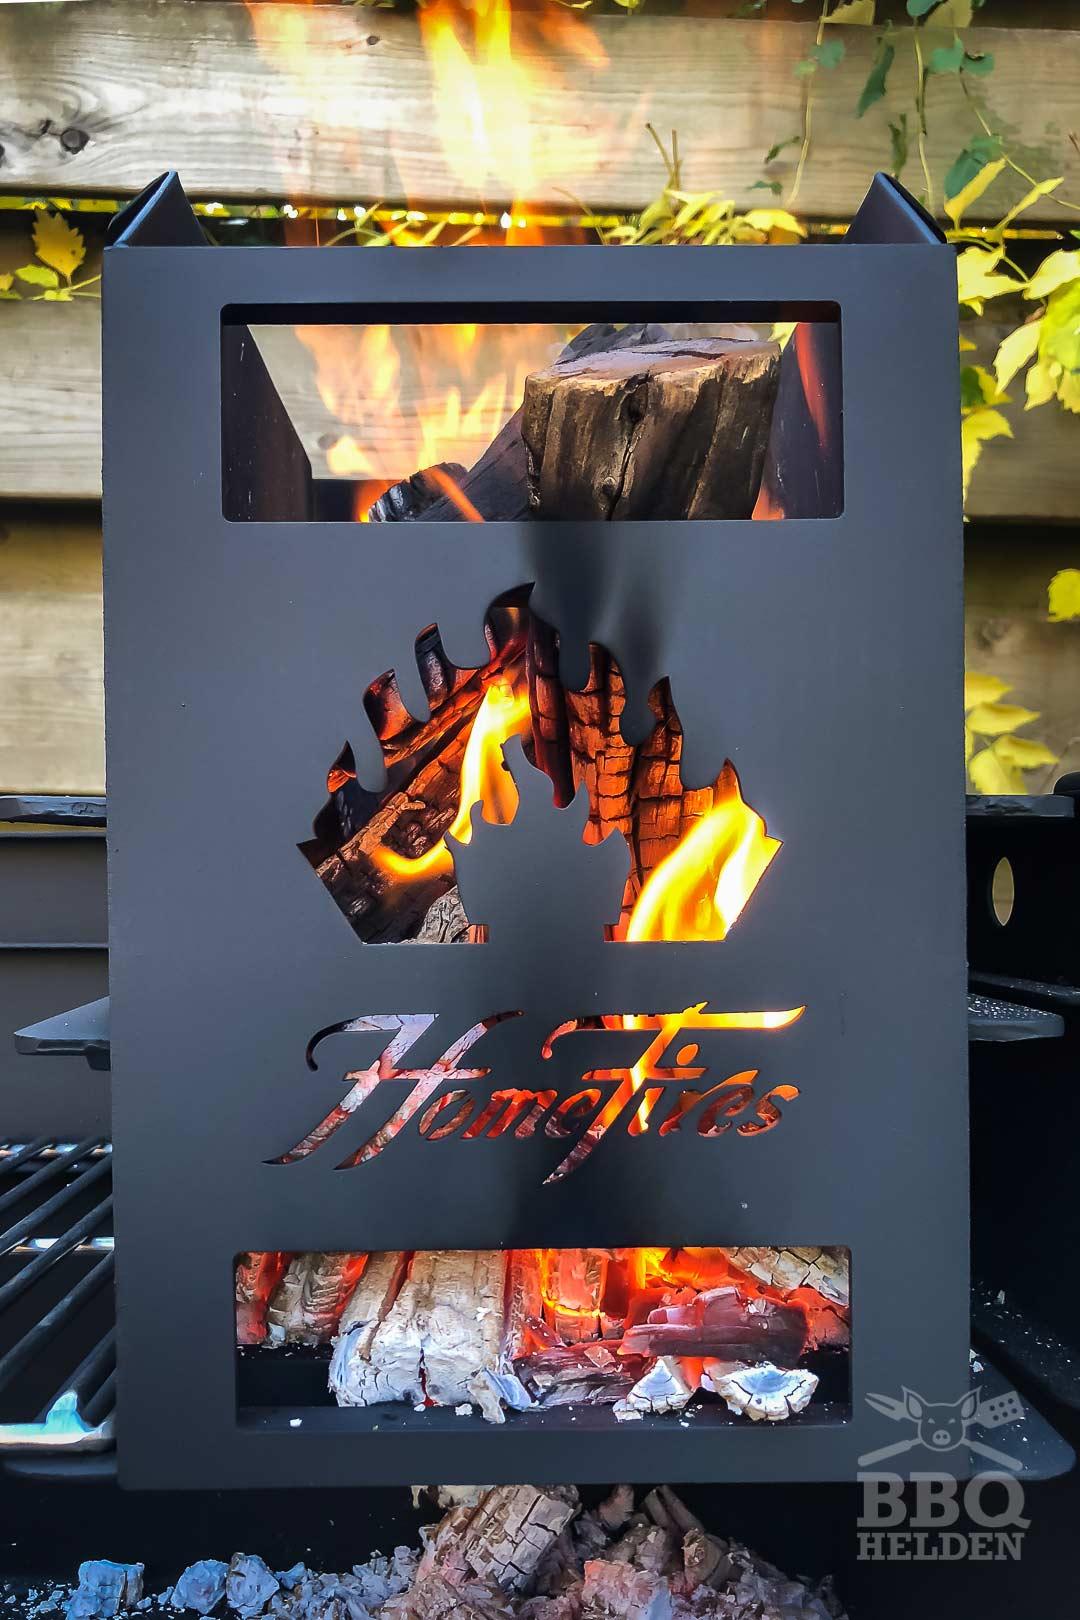 Review Home Fires Campbraai – BBQ helden